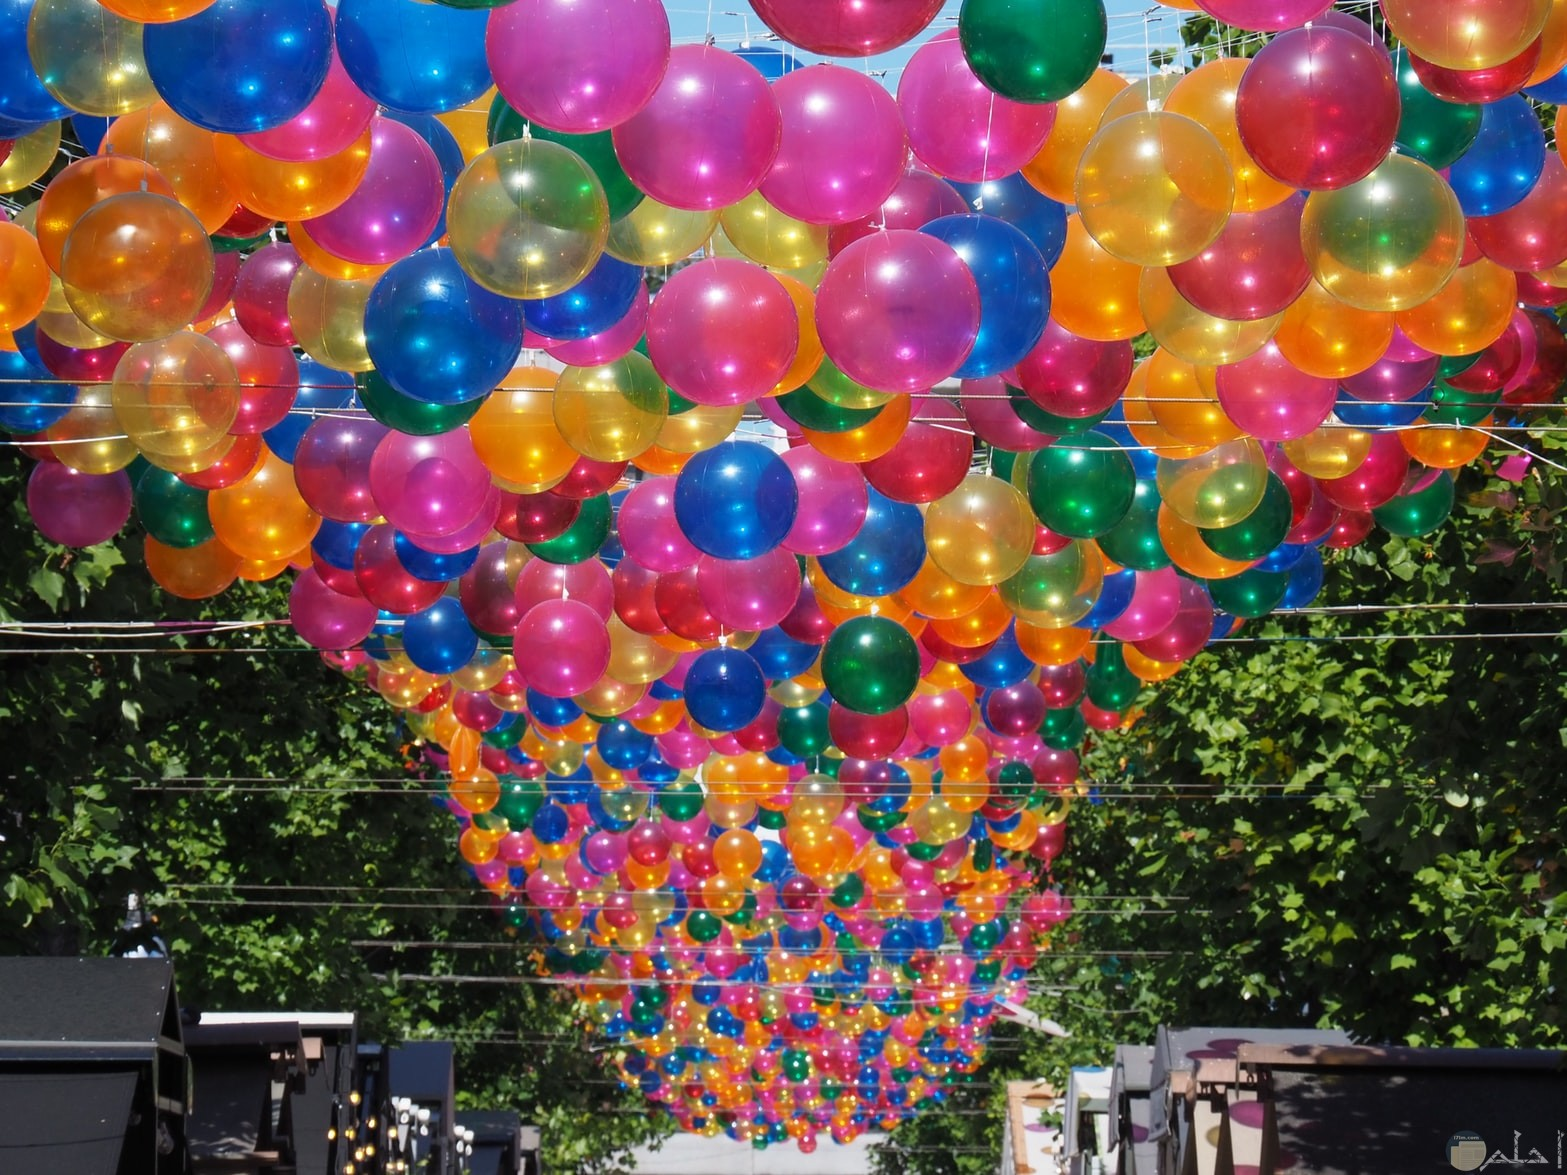 صور بالونات تجنن وألوان مبهجة